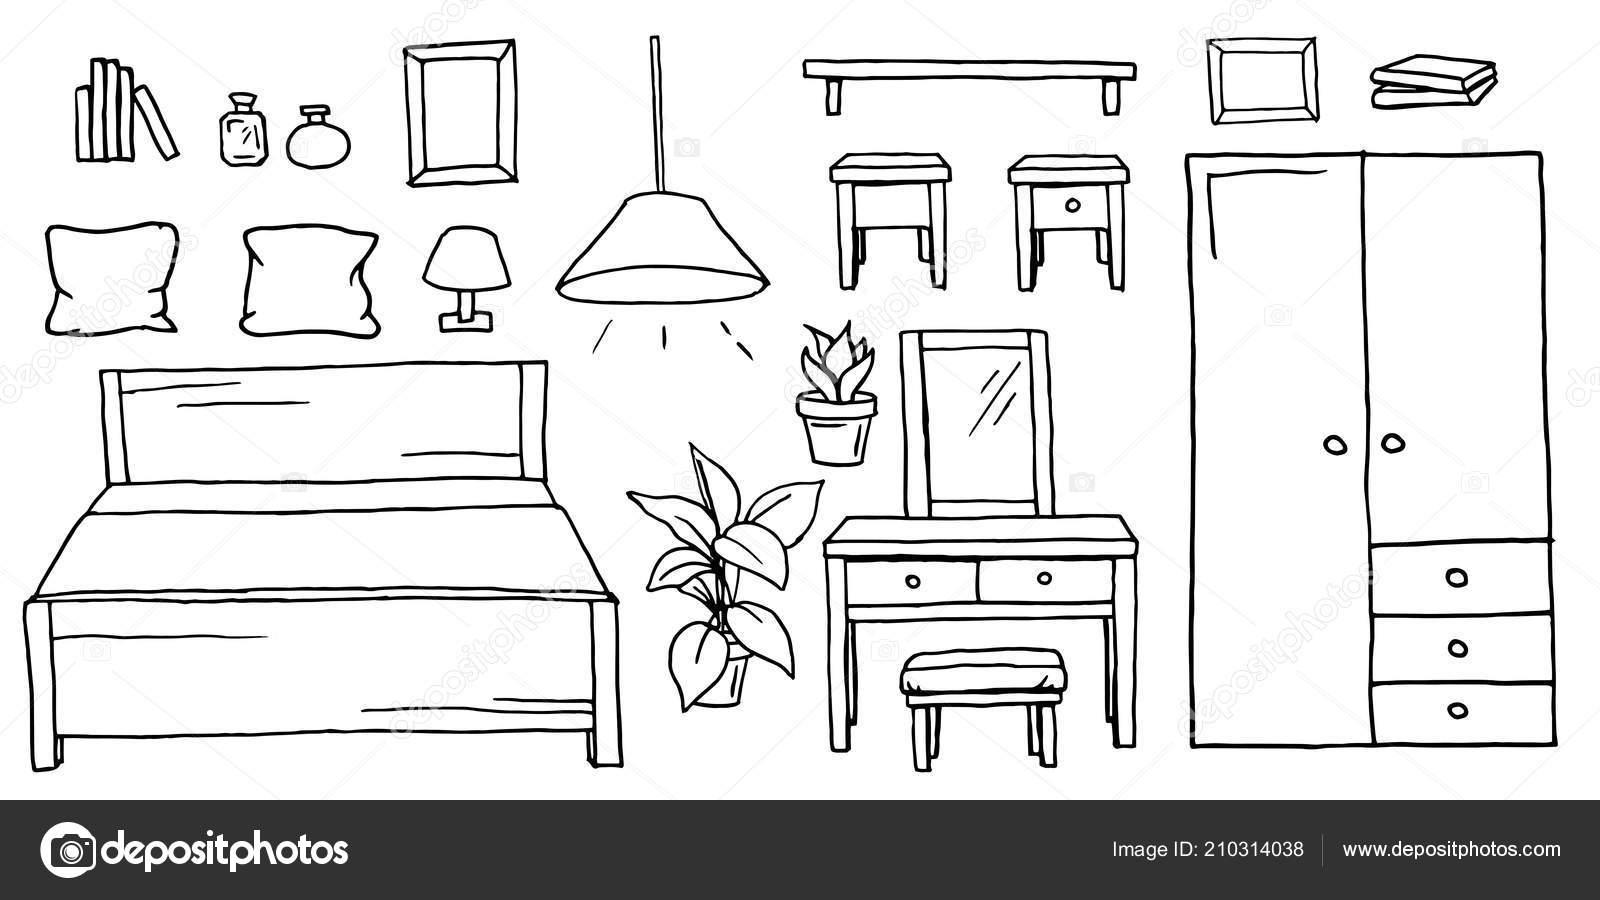 Passa O Jogo Da Mobilia Do Quarto Desenhado Desenho Preto